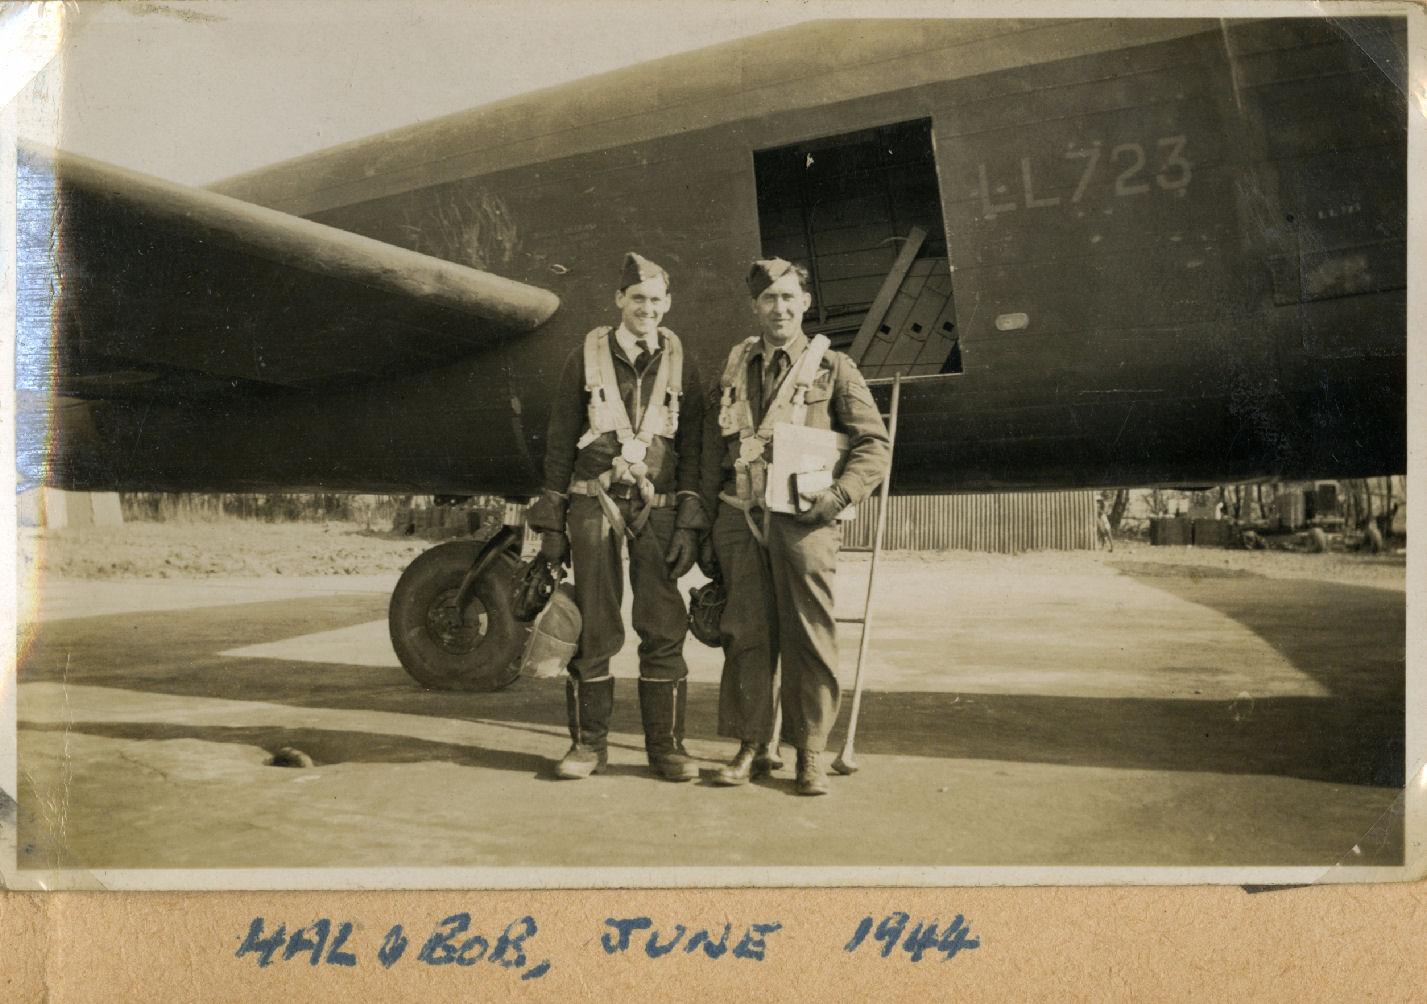 Harold Truscott et Bob Whitson